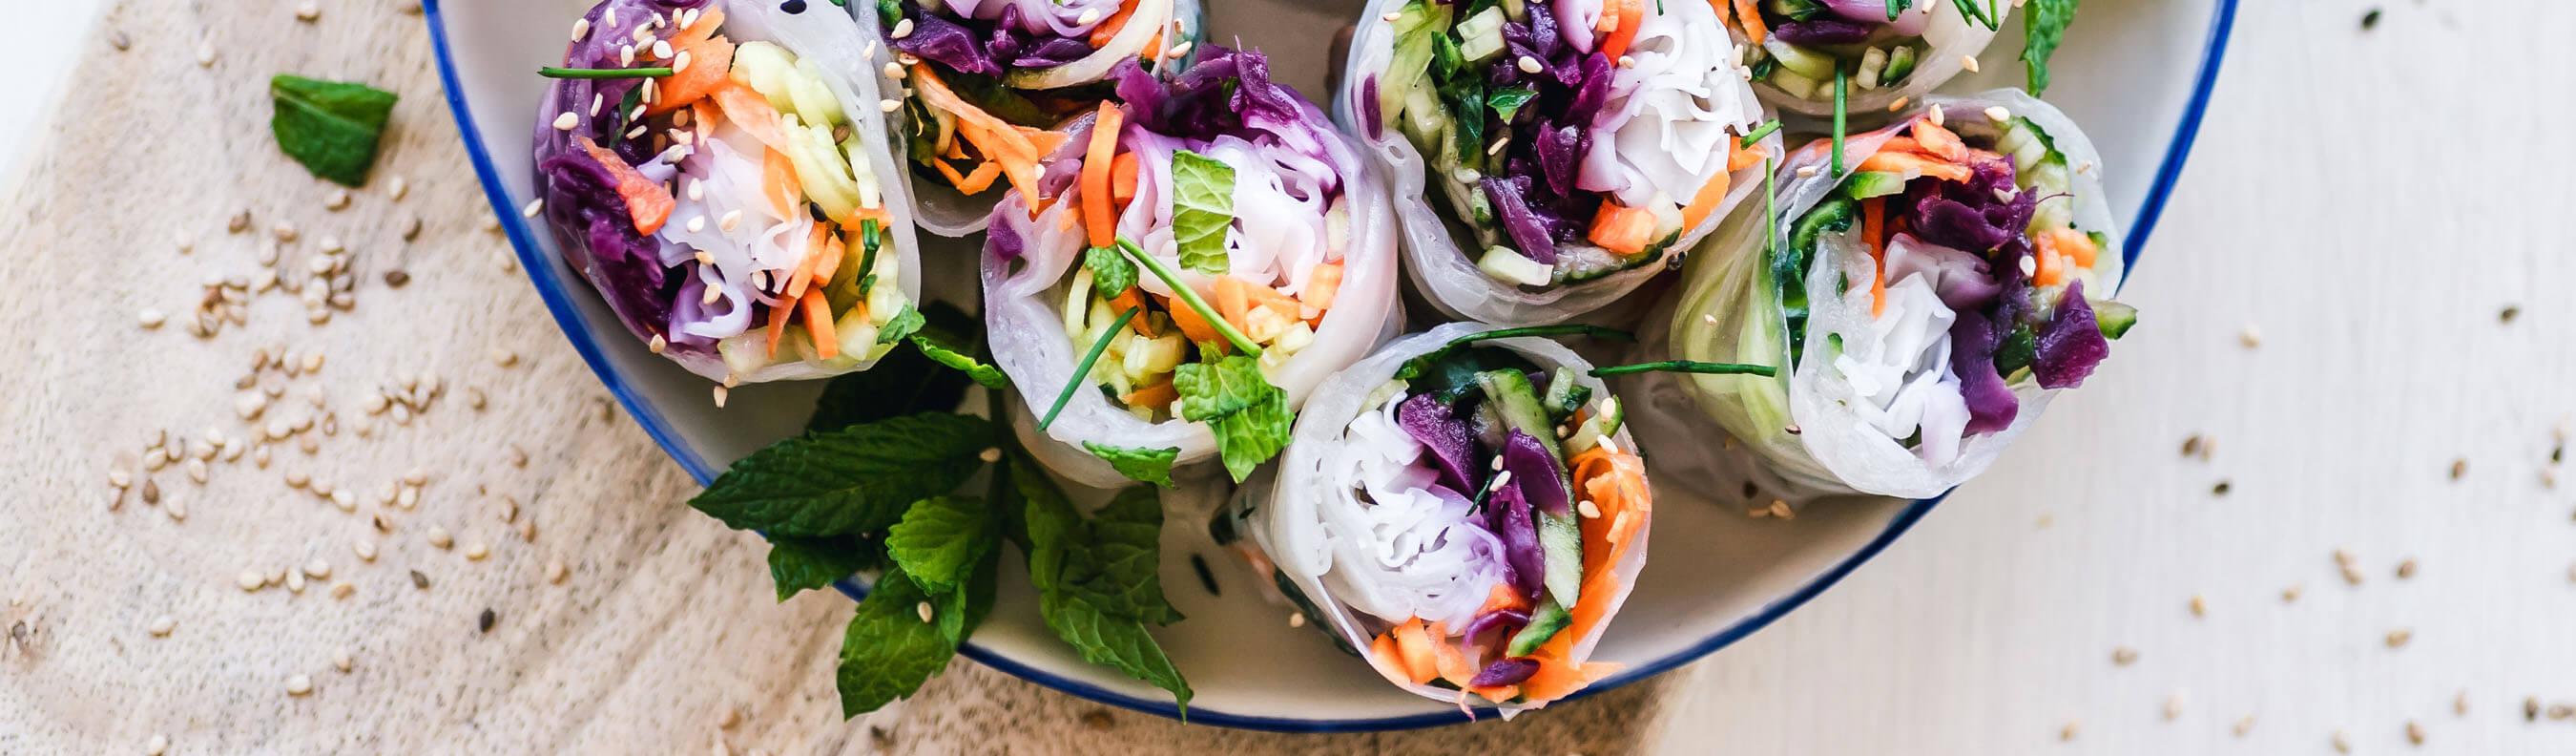 Green Warrior veganska recept för alla tillfällen, från nybörjatre till proffs inom vegansk matlagning!